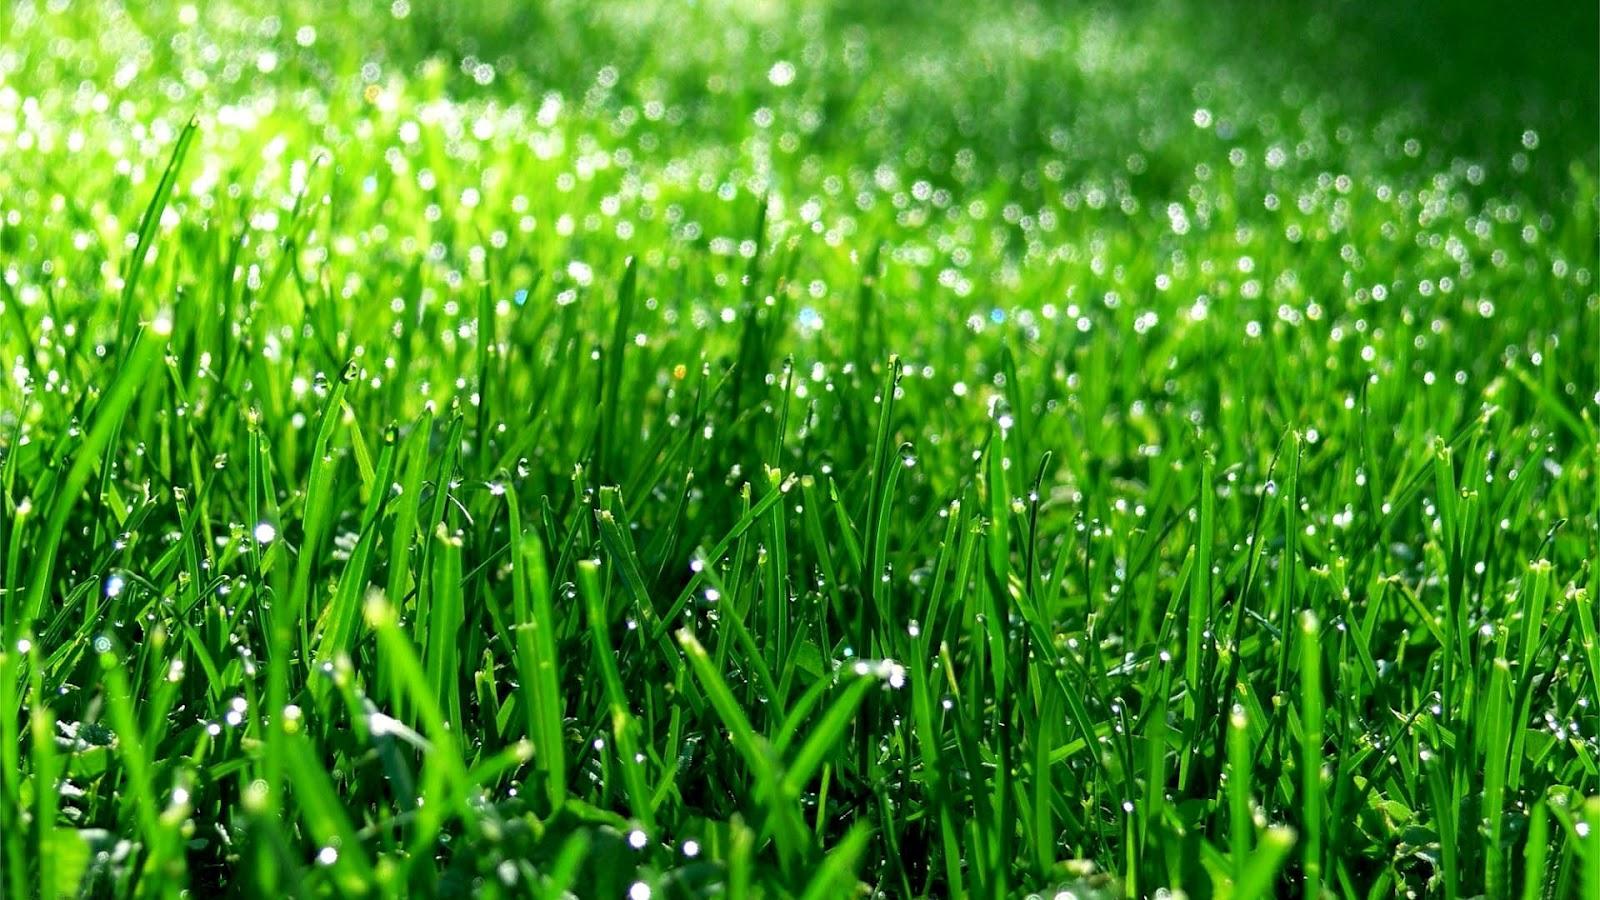 Groen-gras-achtergronden-hd-gras-wallpap